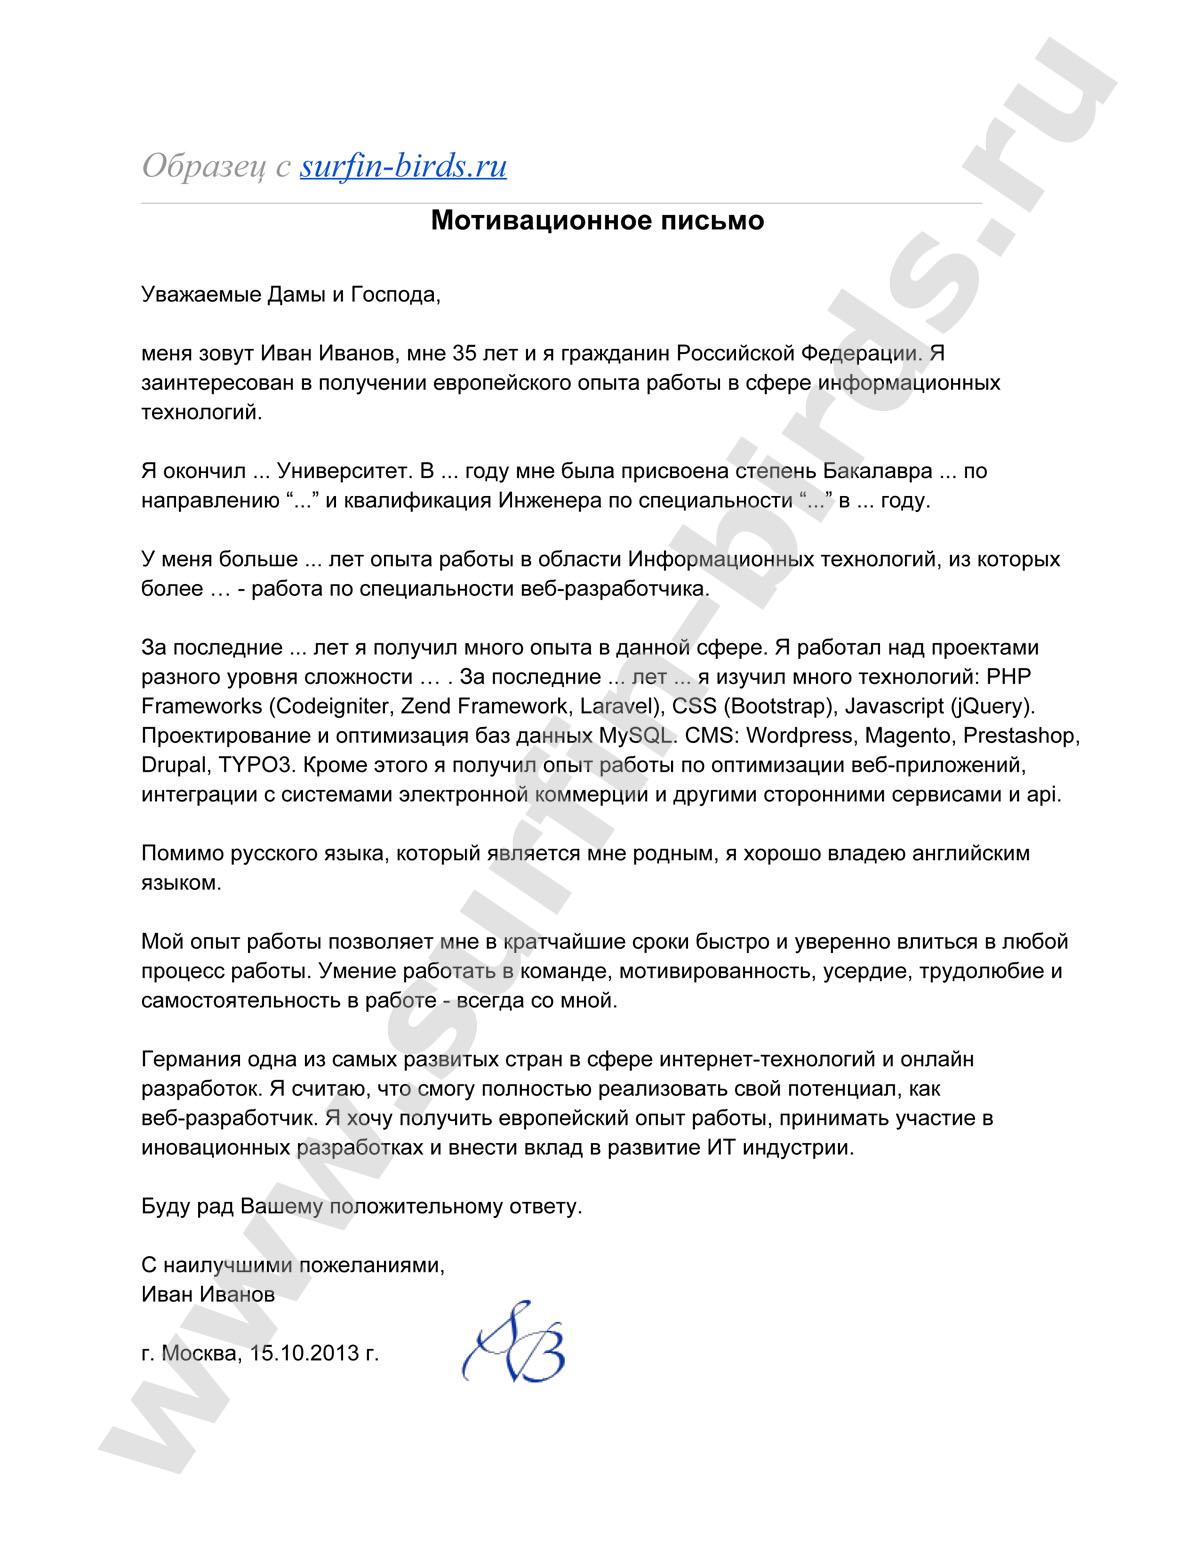 сопроводительное письмо на регистрацию коллективного договора образец